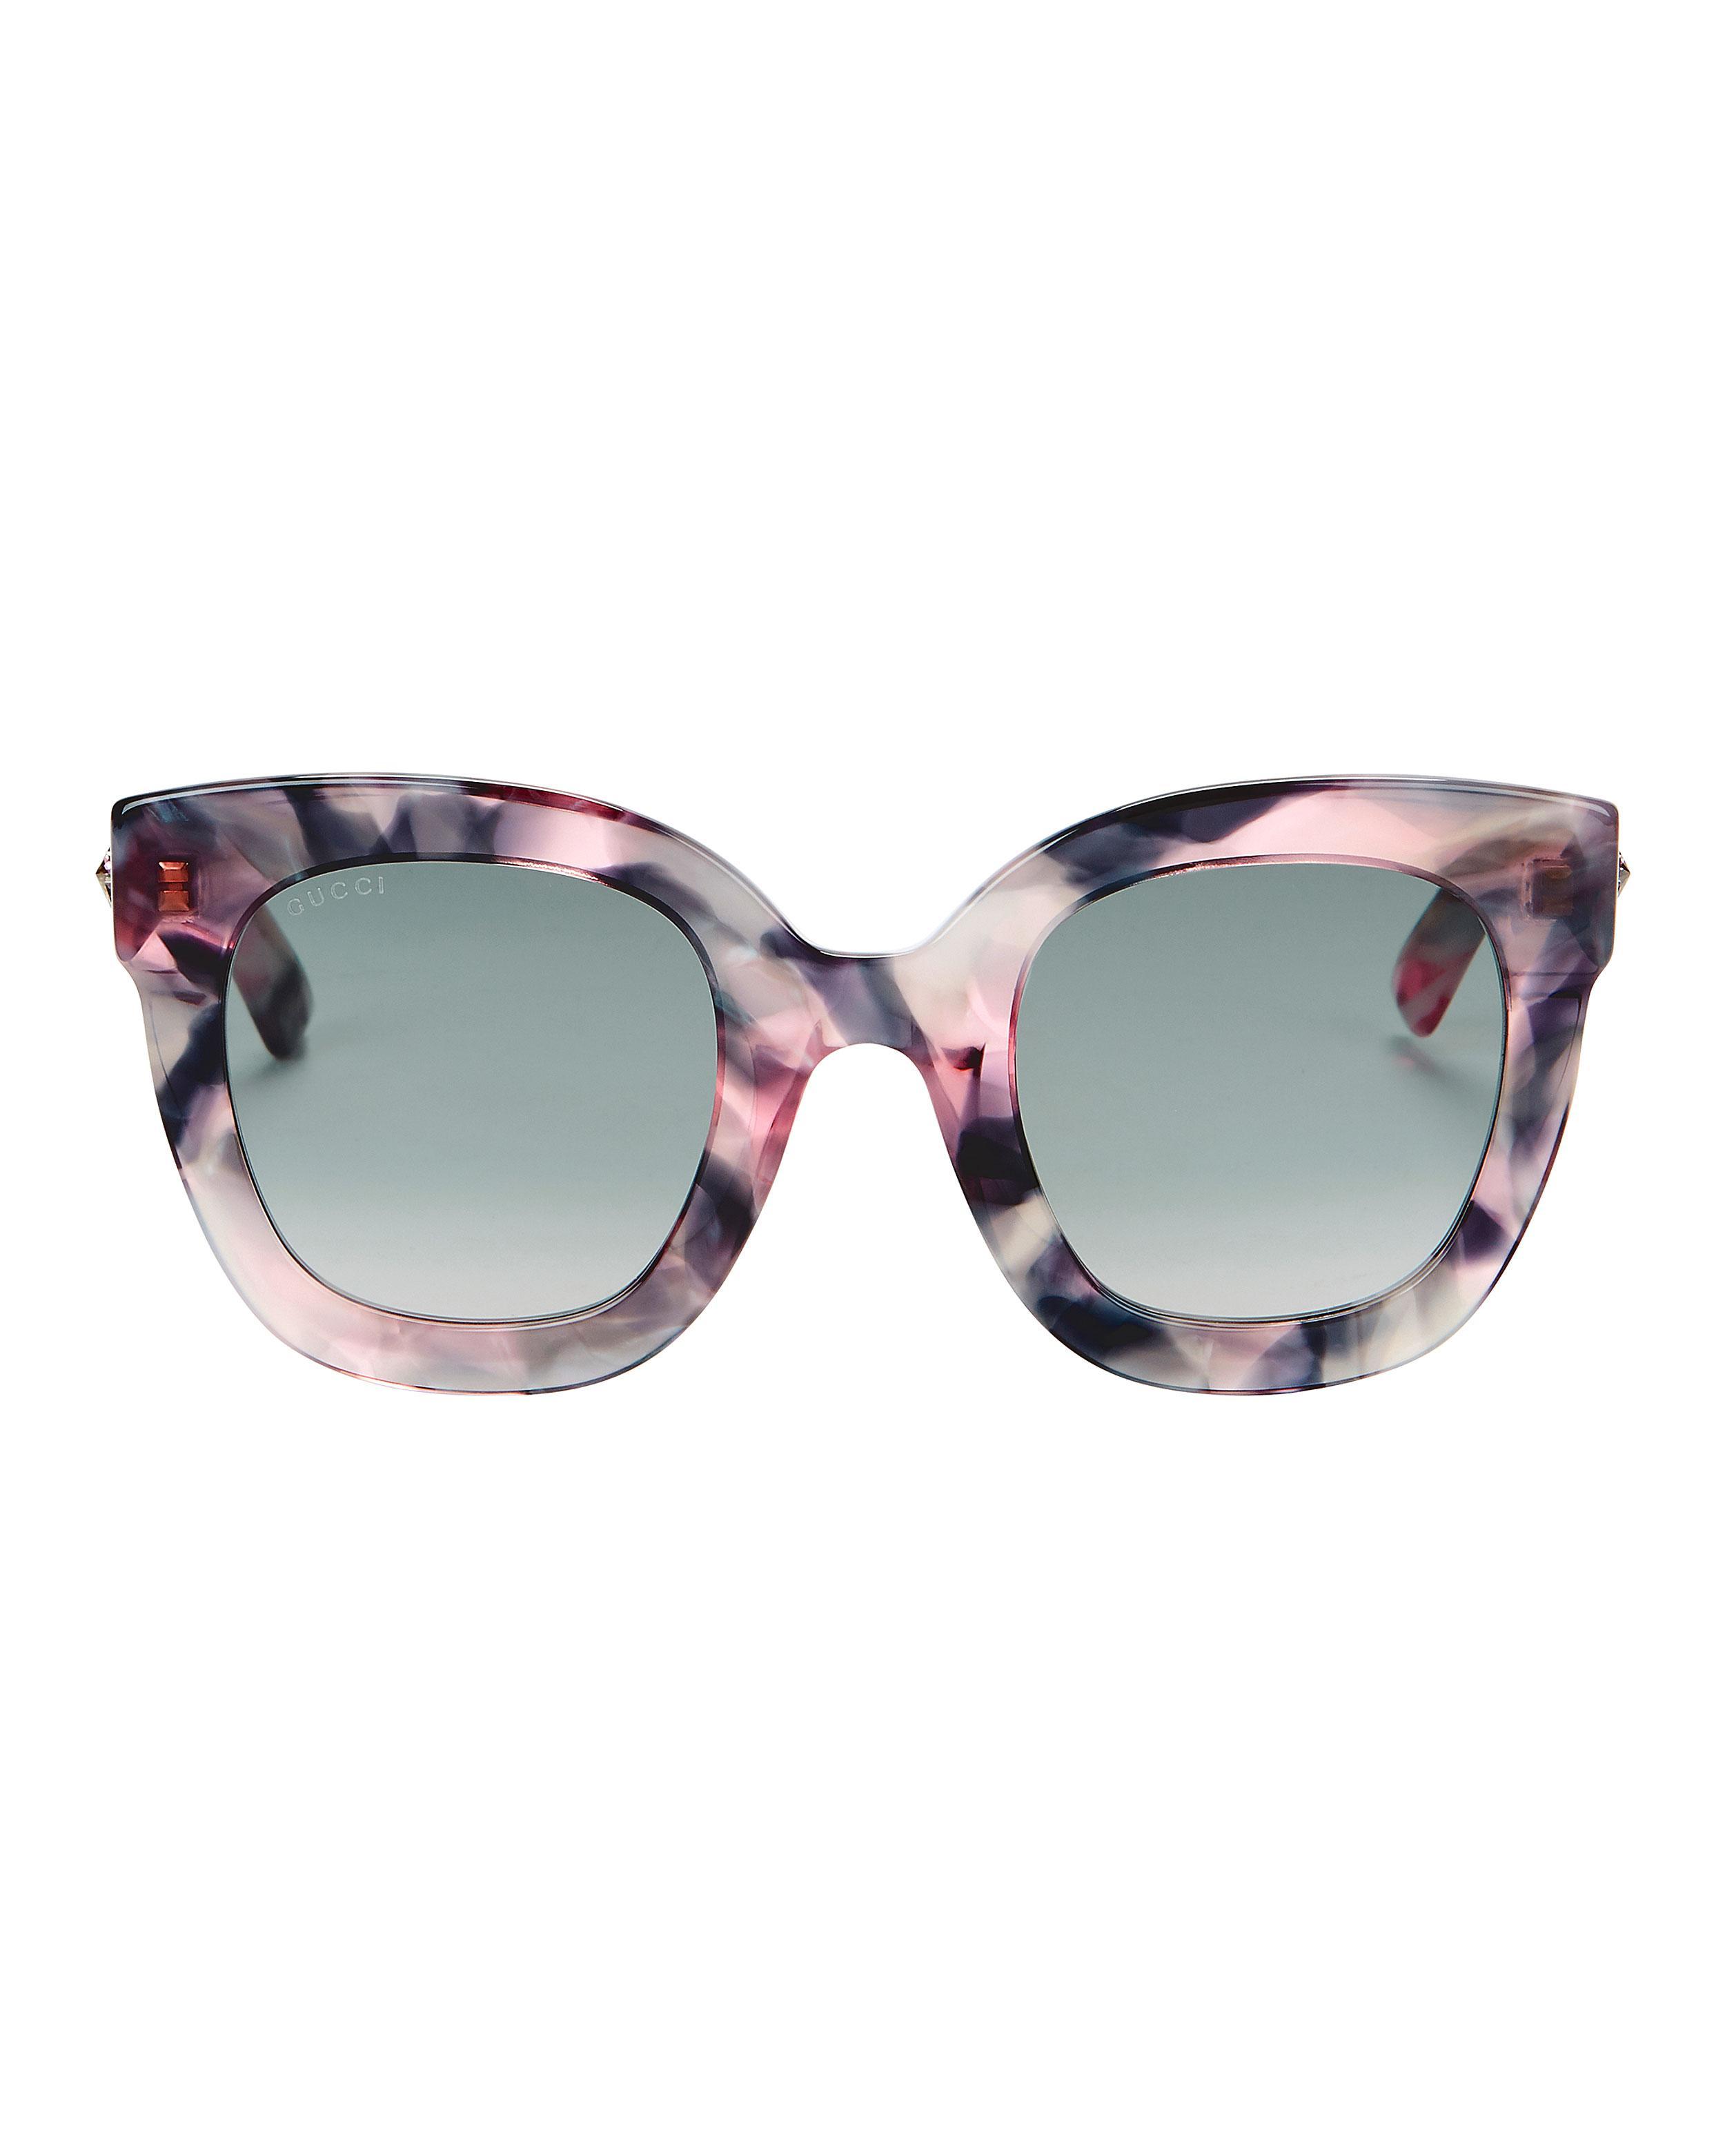 61e77d08dd7 Gucci - Multicolor Oversized Marble Acetate Sunglasses - Lyst. View  fullscreen